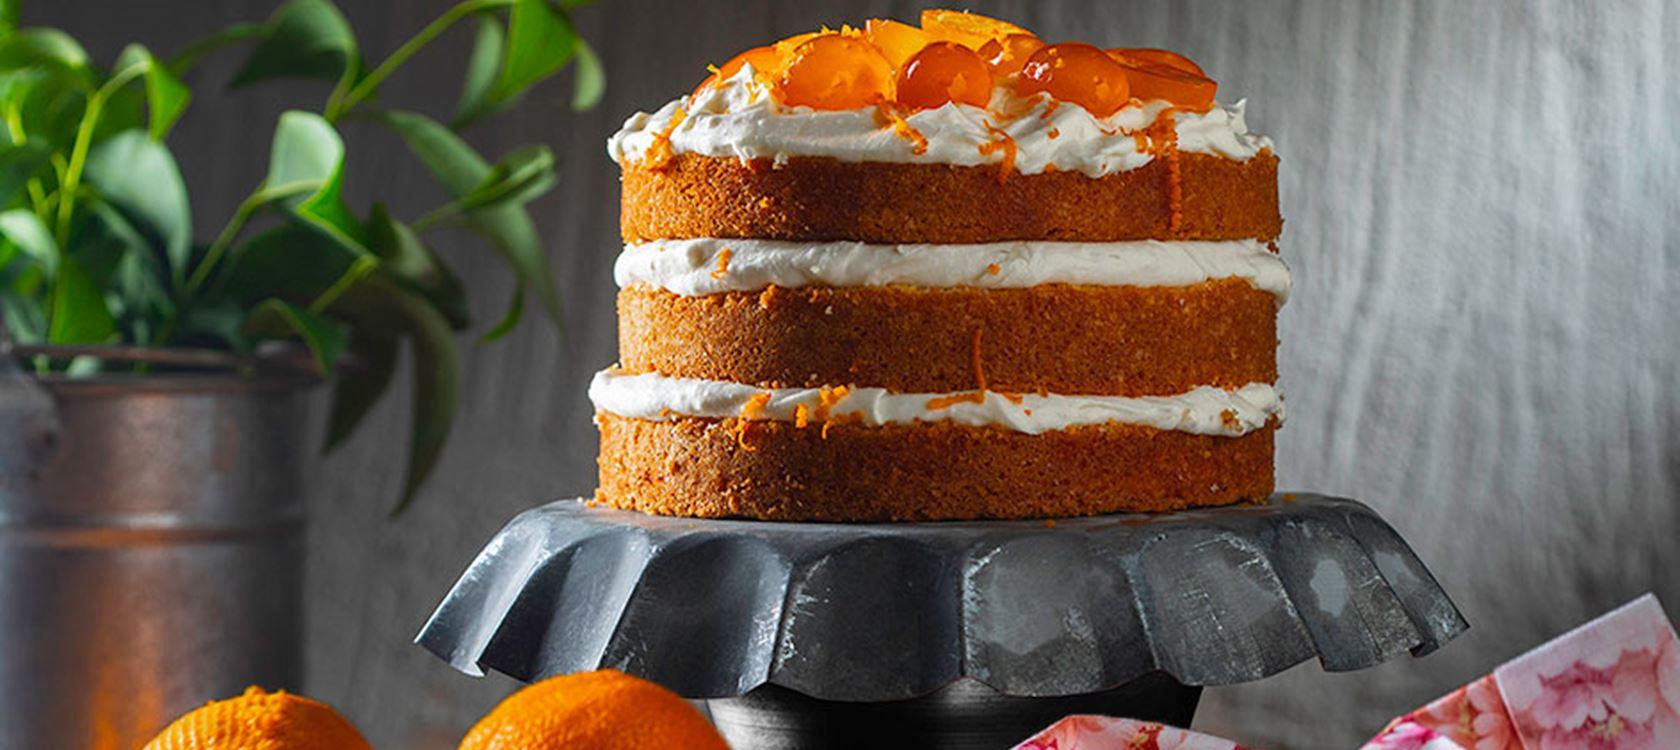 Τούρτα-κέικ πορτοκάλι με κρέμα πορτοκάλι και κουμκουάτ